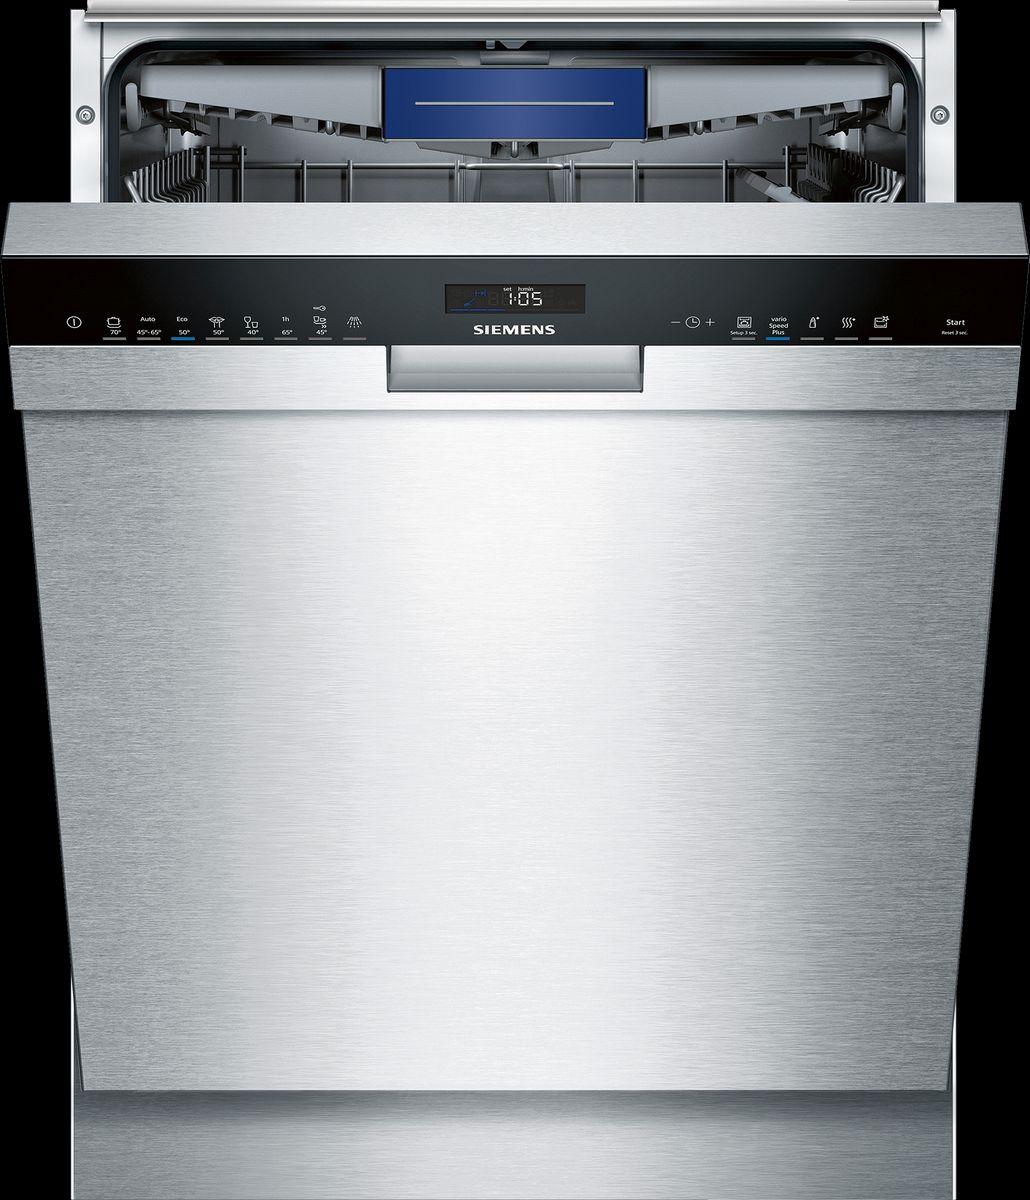 SN458S02ME Unterbaugerät - Edelstahl speedMatic Geschirrspüler 60 cm Inkl. Sockelblech